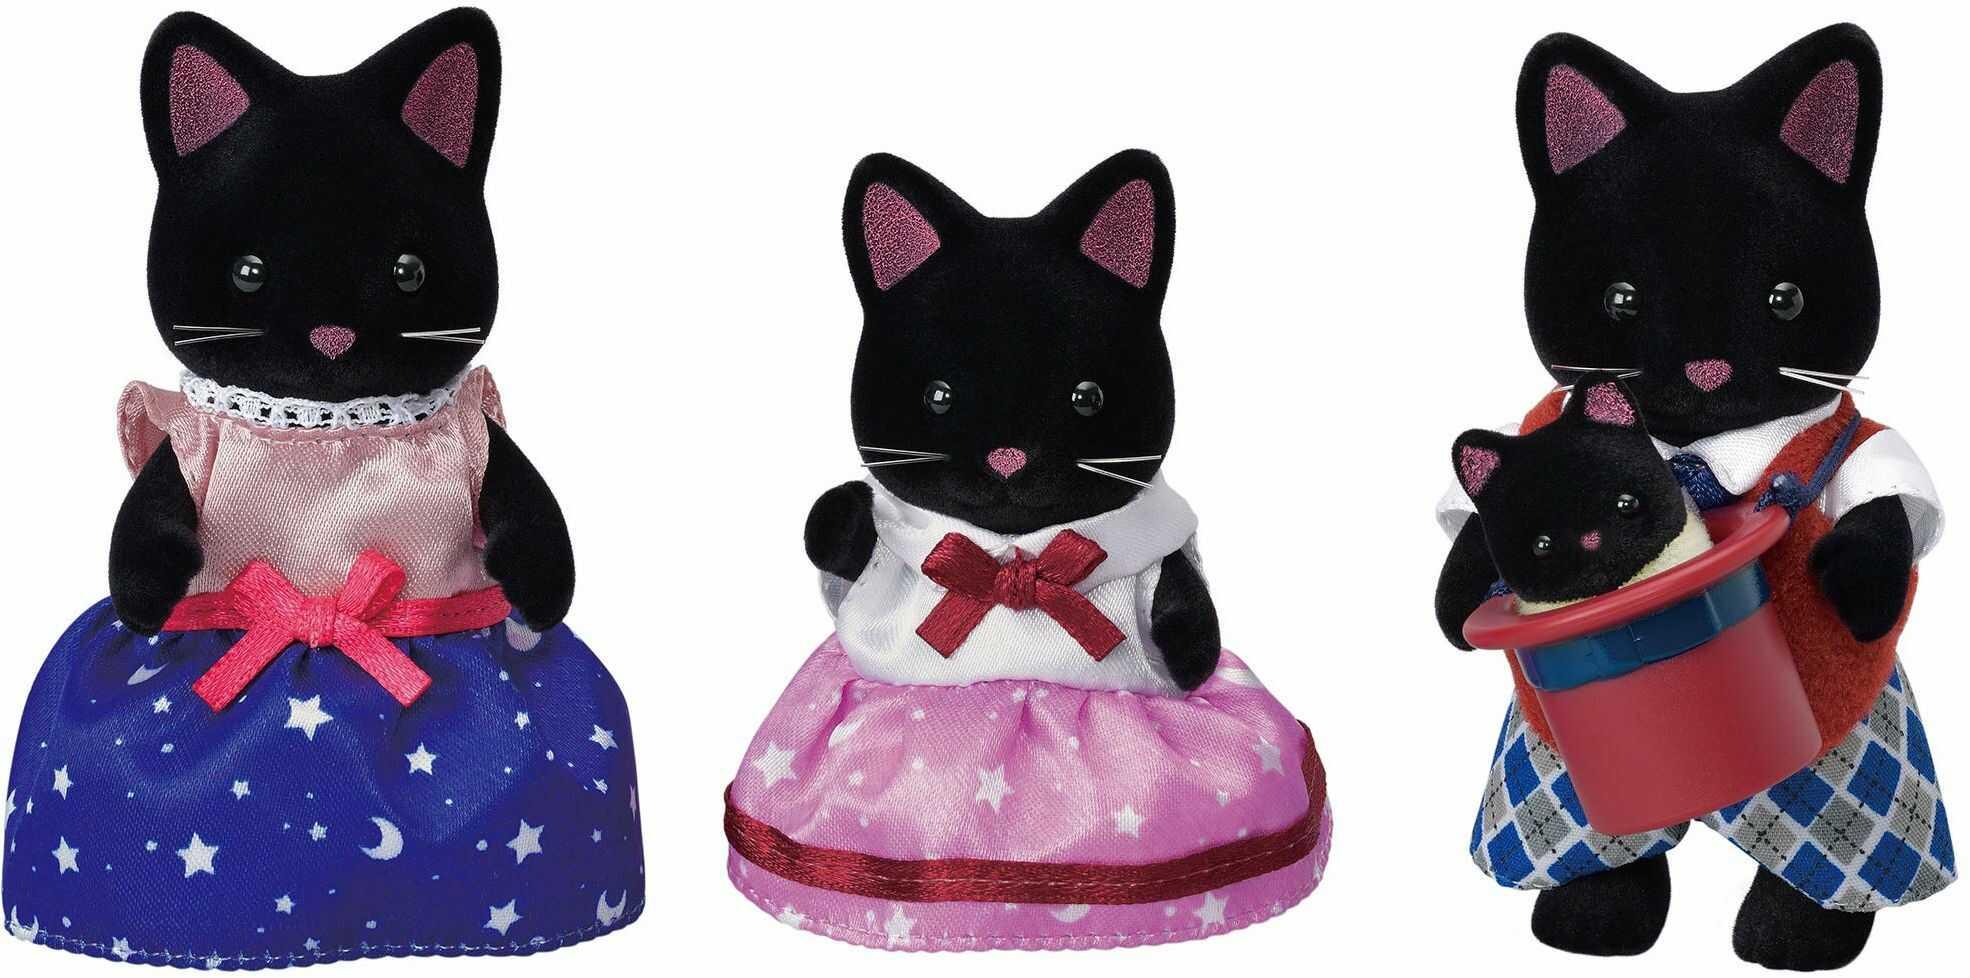 Sylvanian Families 5530 Midnight rodzina kotów - Zestawy do zabawy dla lalek